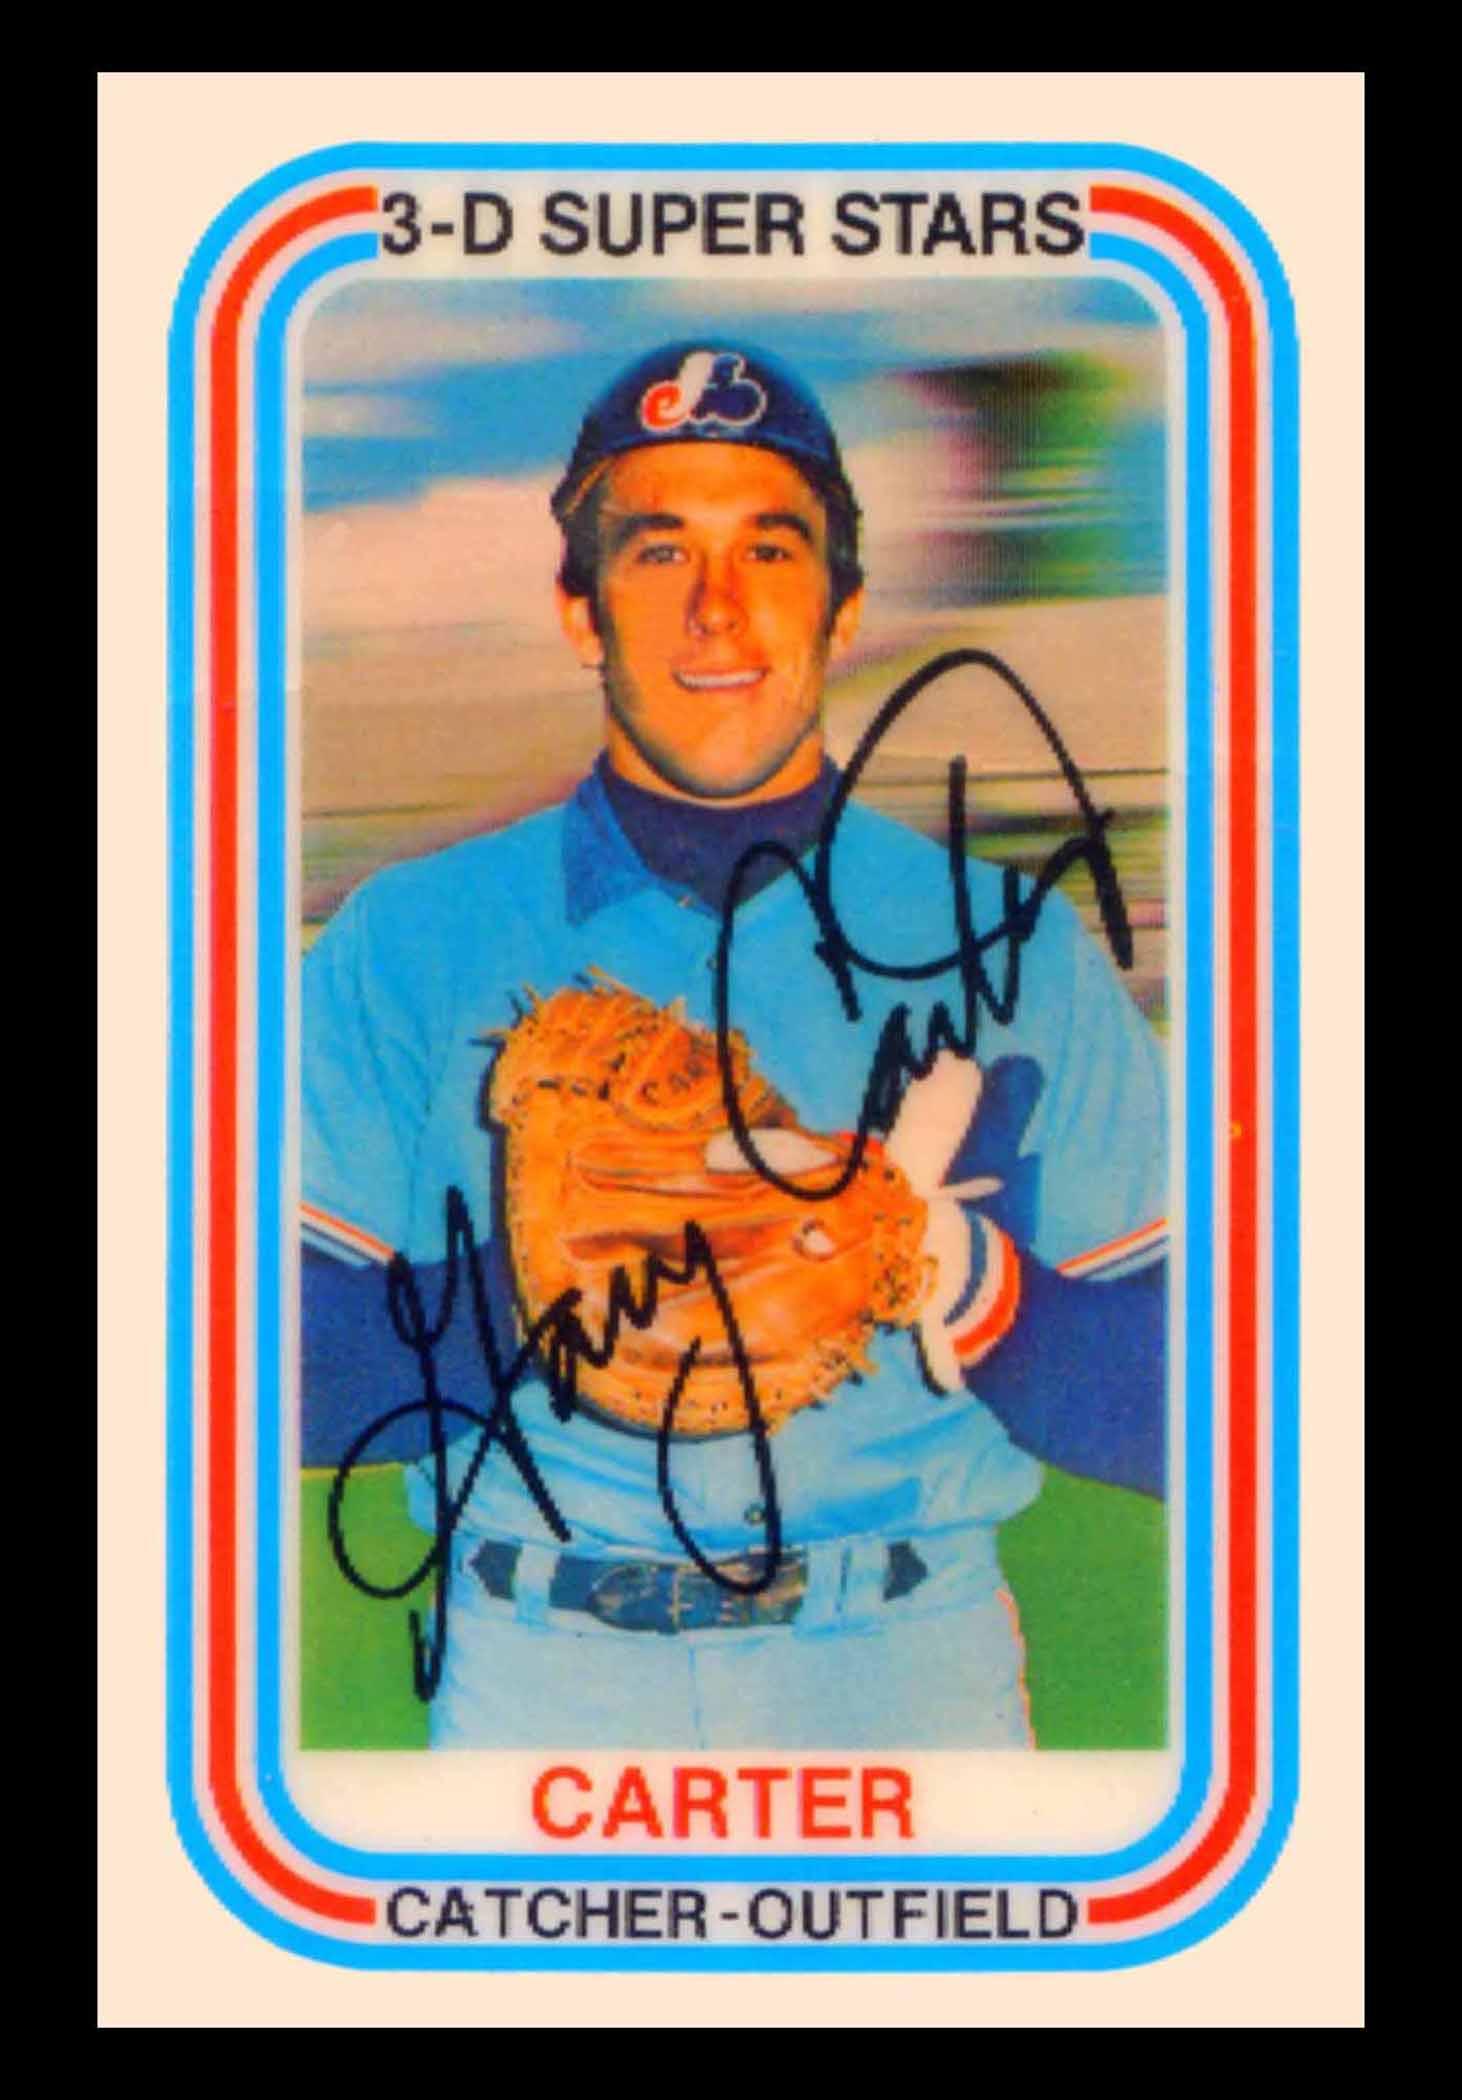 bddff22f71903e Gary Carter Gallery